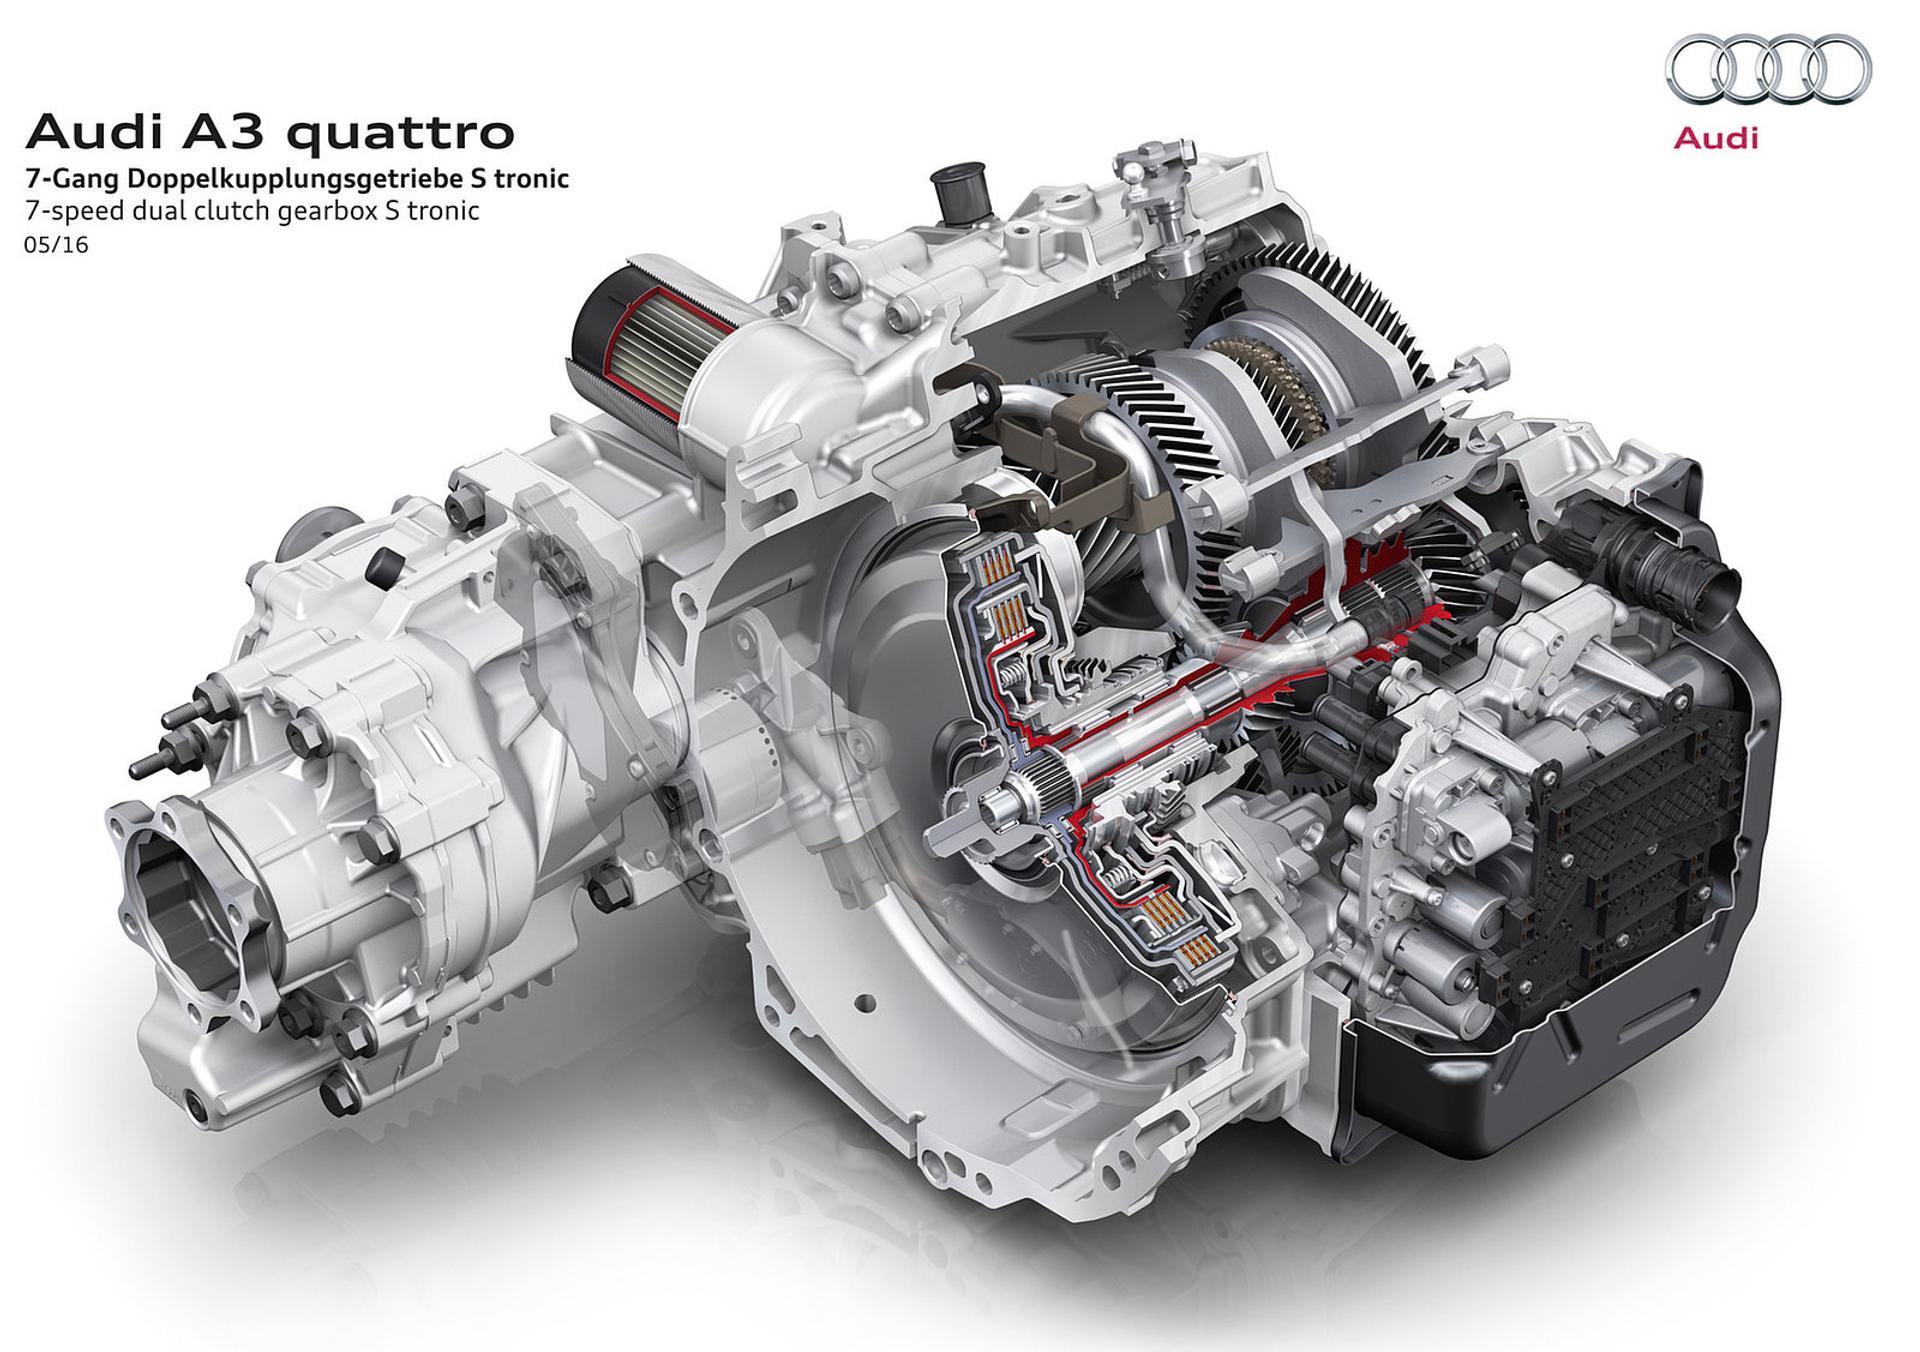 Audi A3 quattro engine render